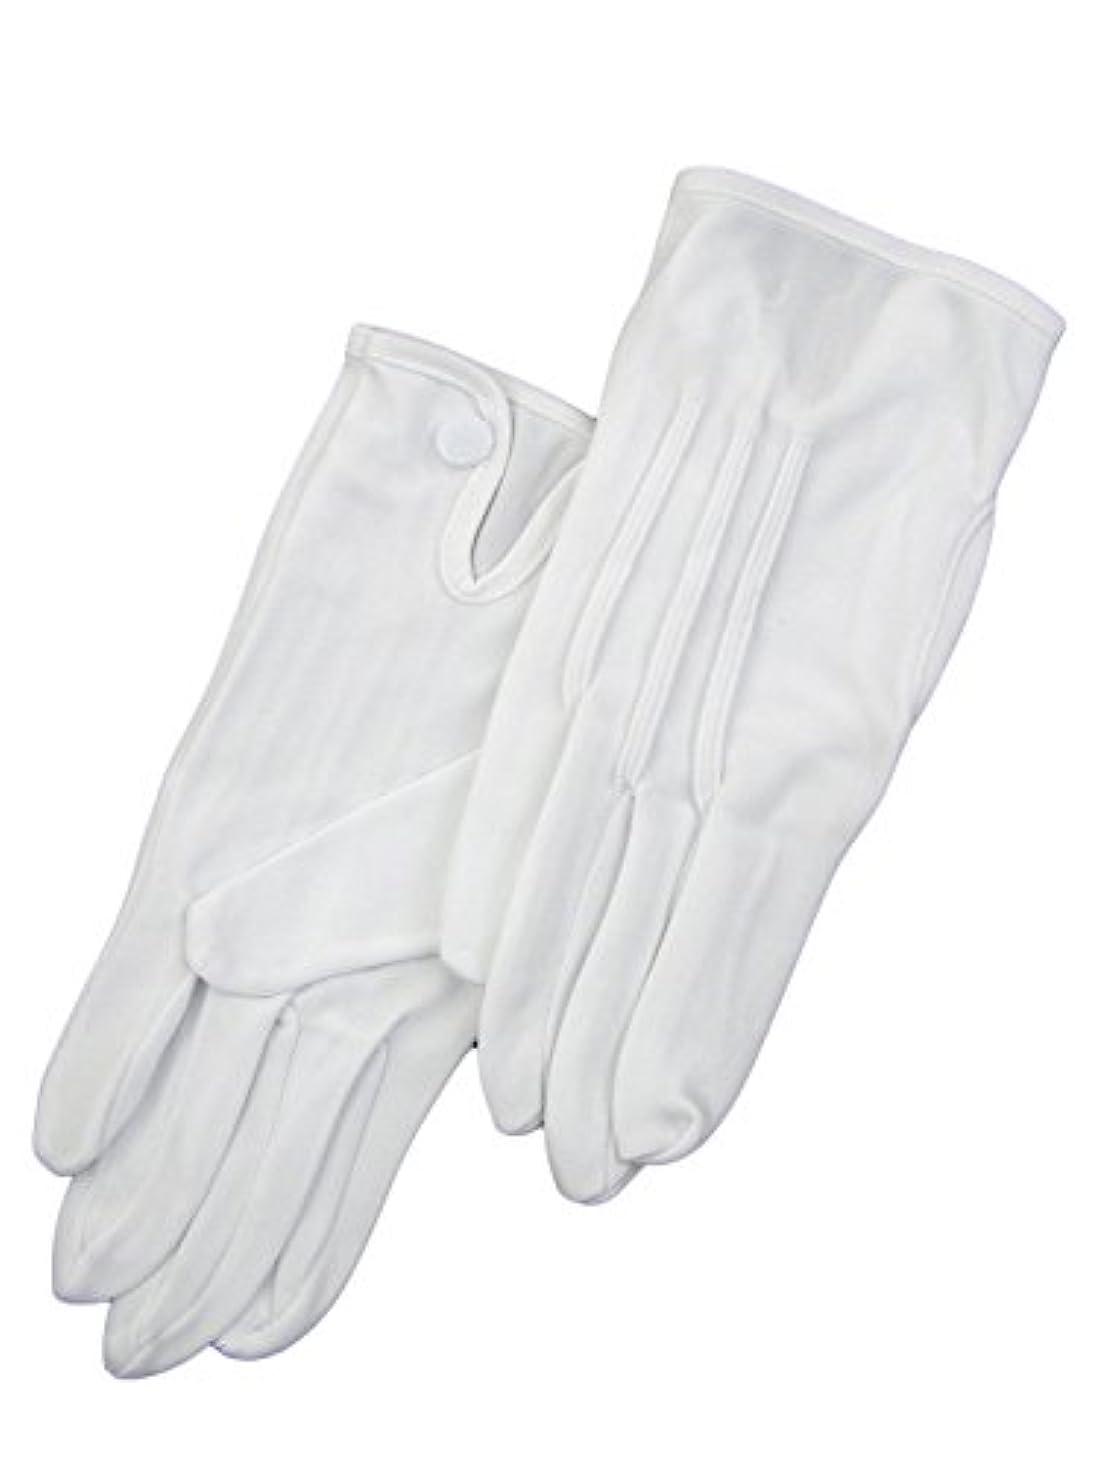 儀式チーフ痛い紳士白ナイロン手袋 105 シロ M